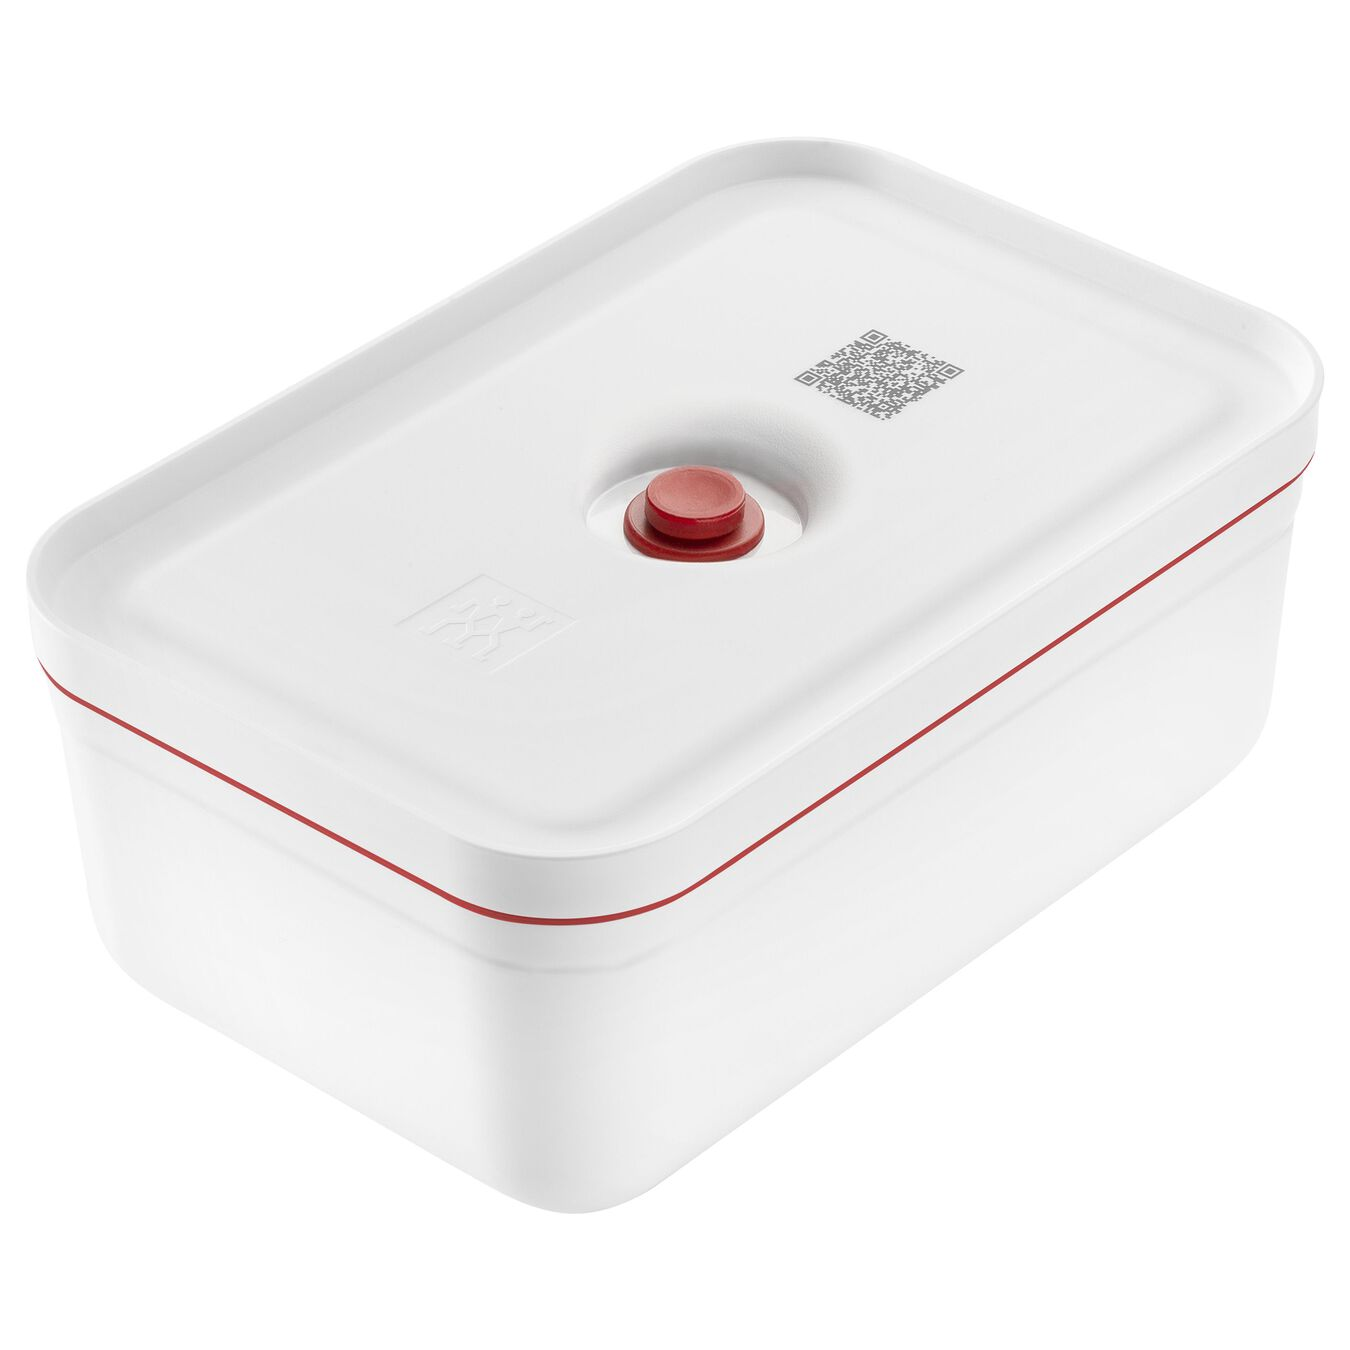 Lunch box sottovuoto, L, plastica, bianco-rosso,,large 1